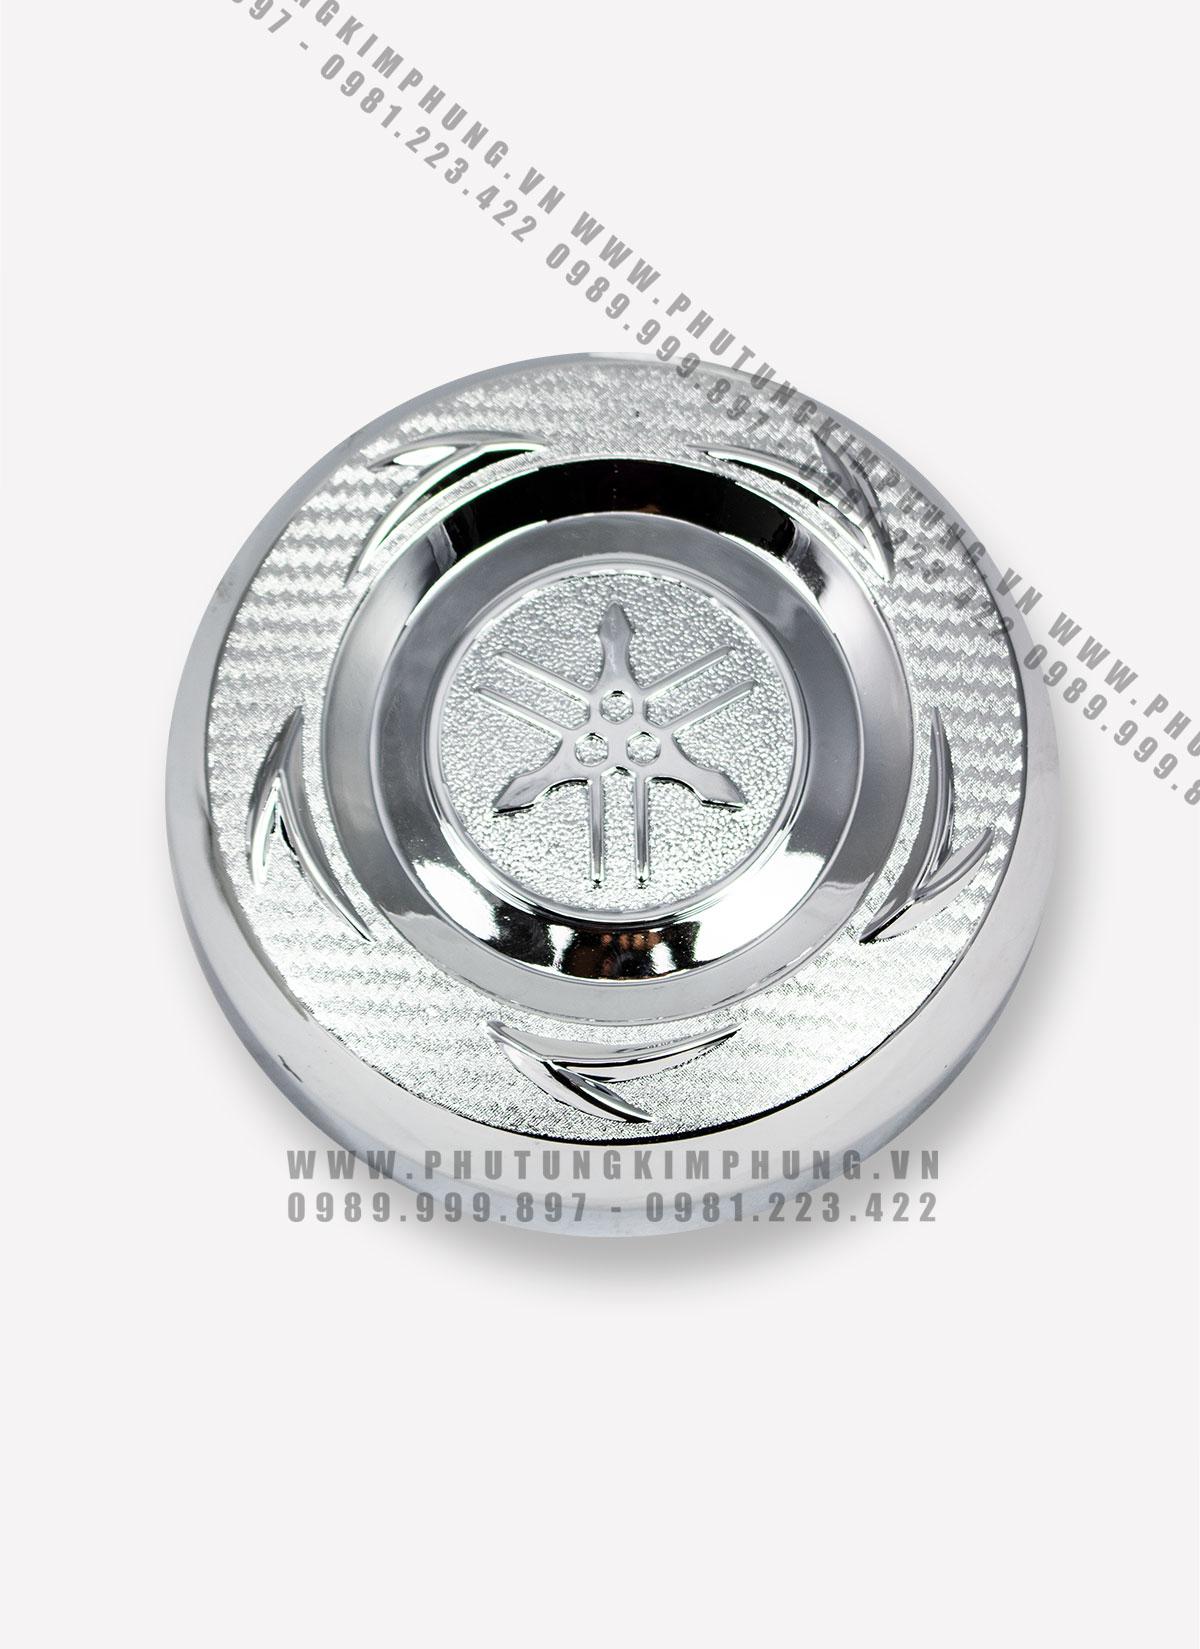 ỐP LỐC MÁY NHỎ NVX 155